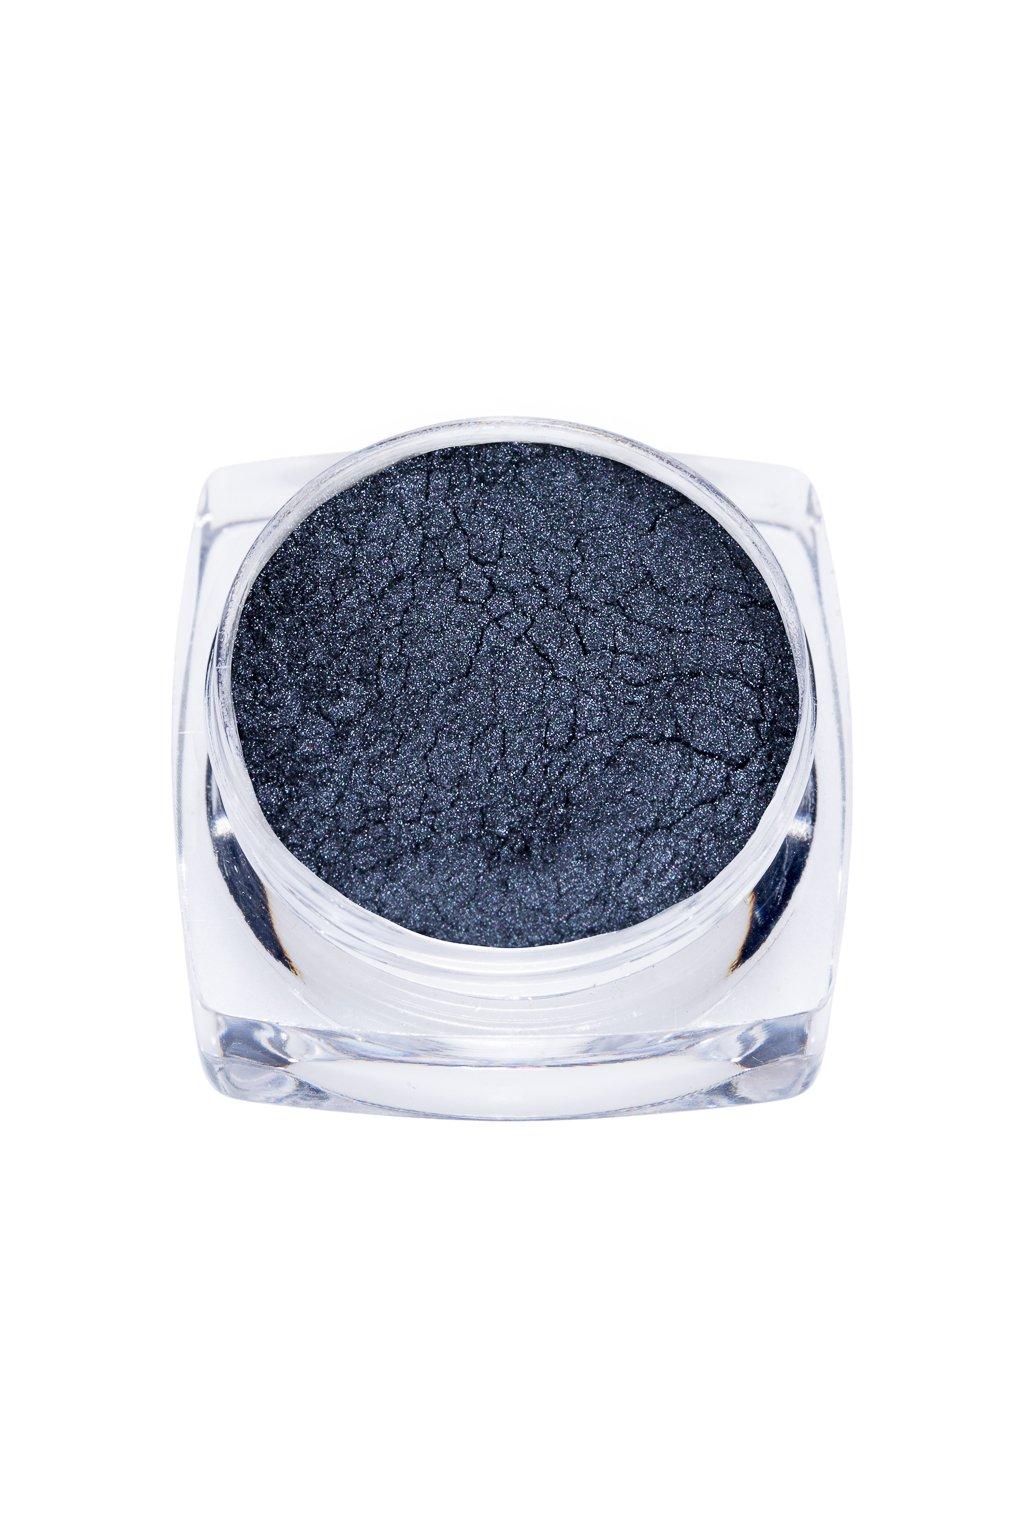 23909 space black pigment